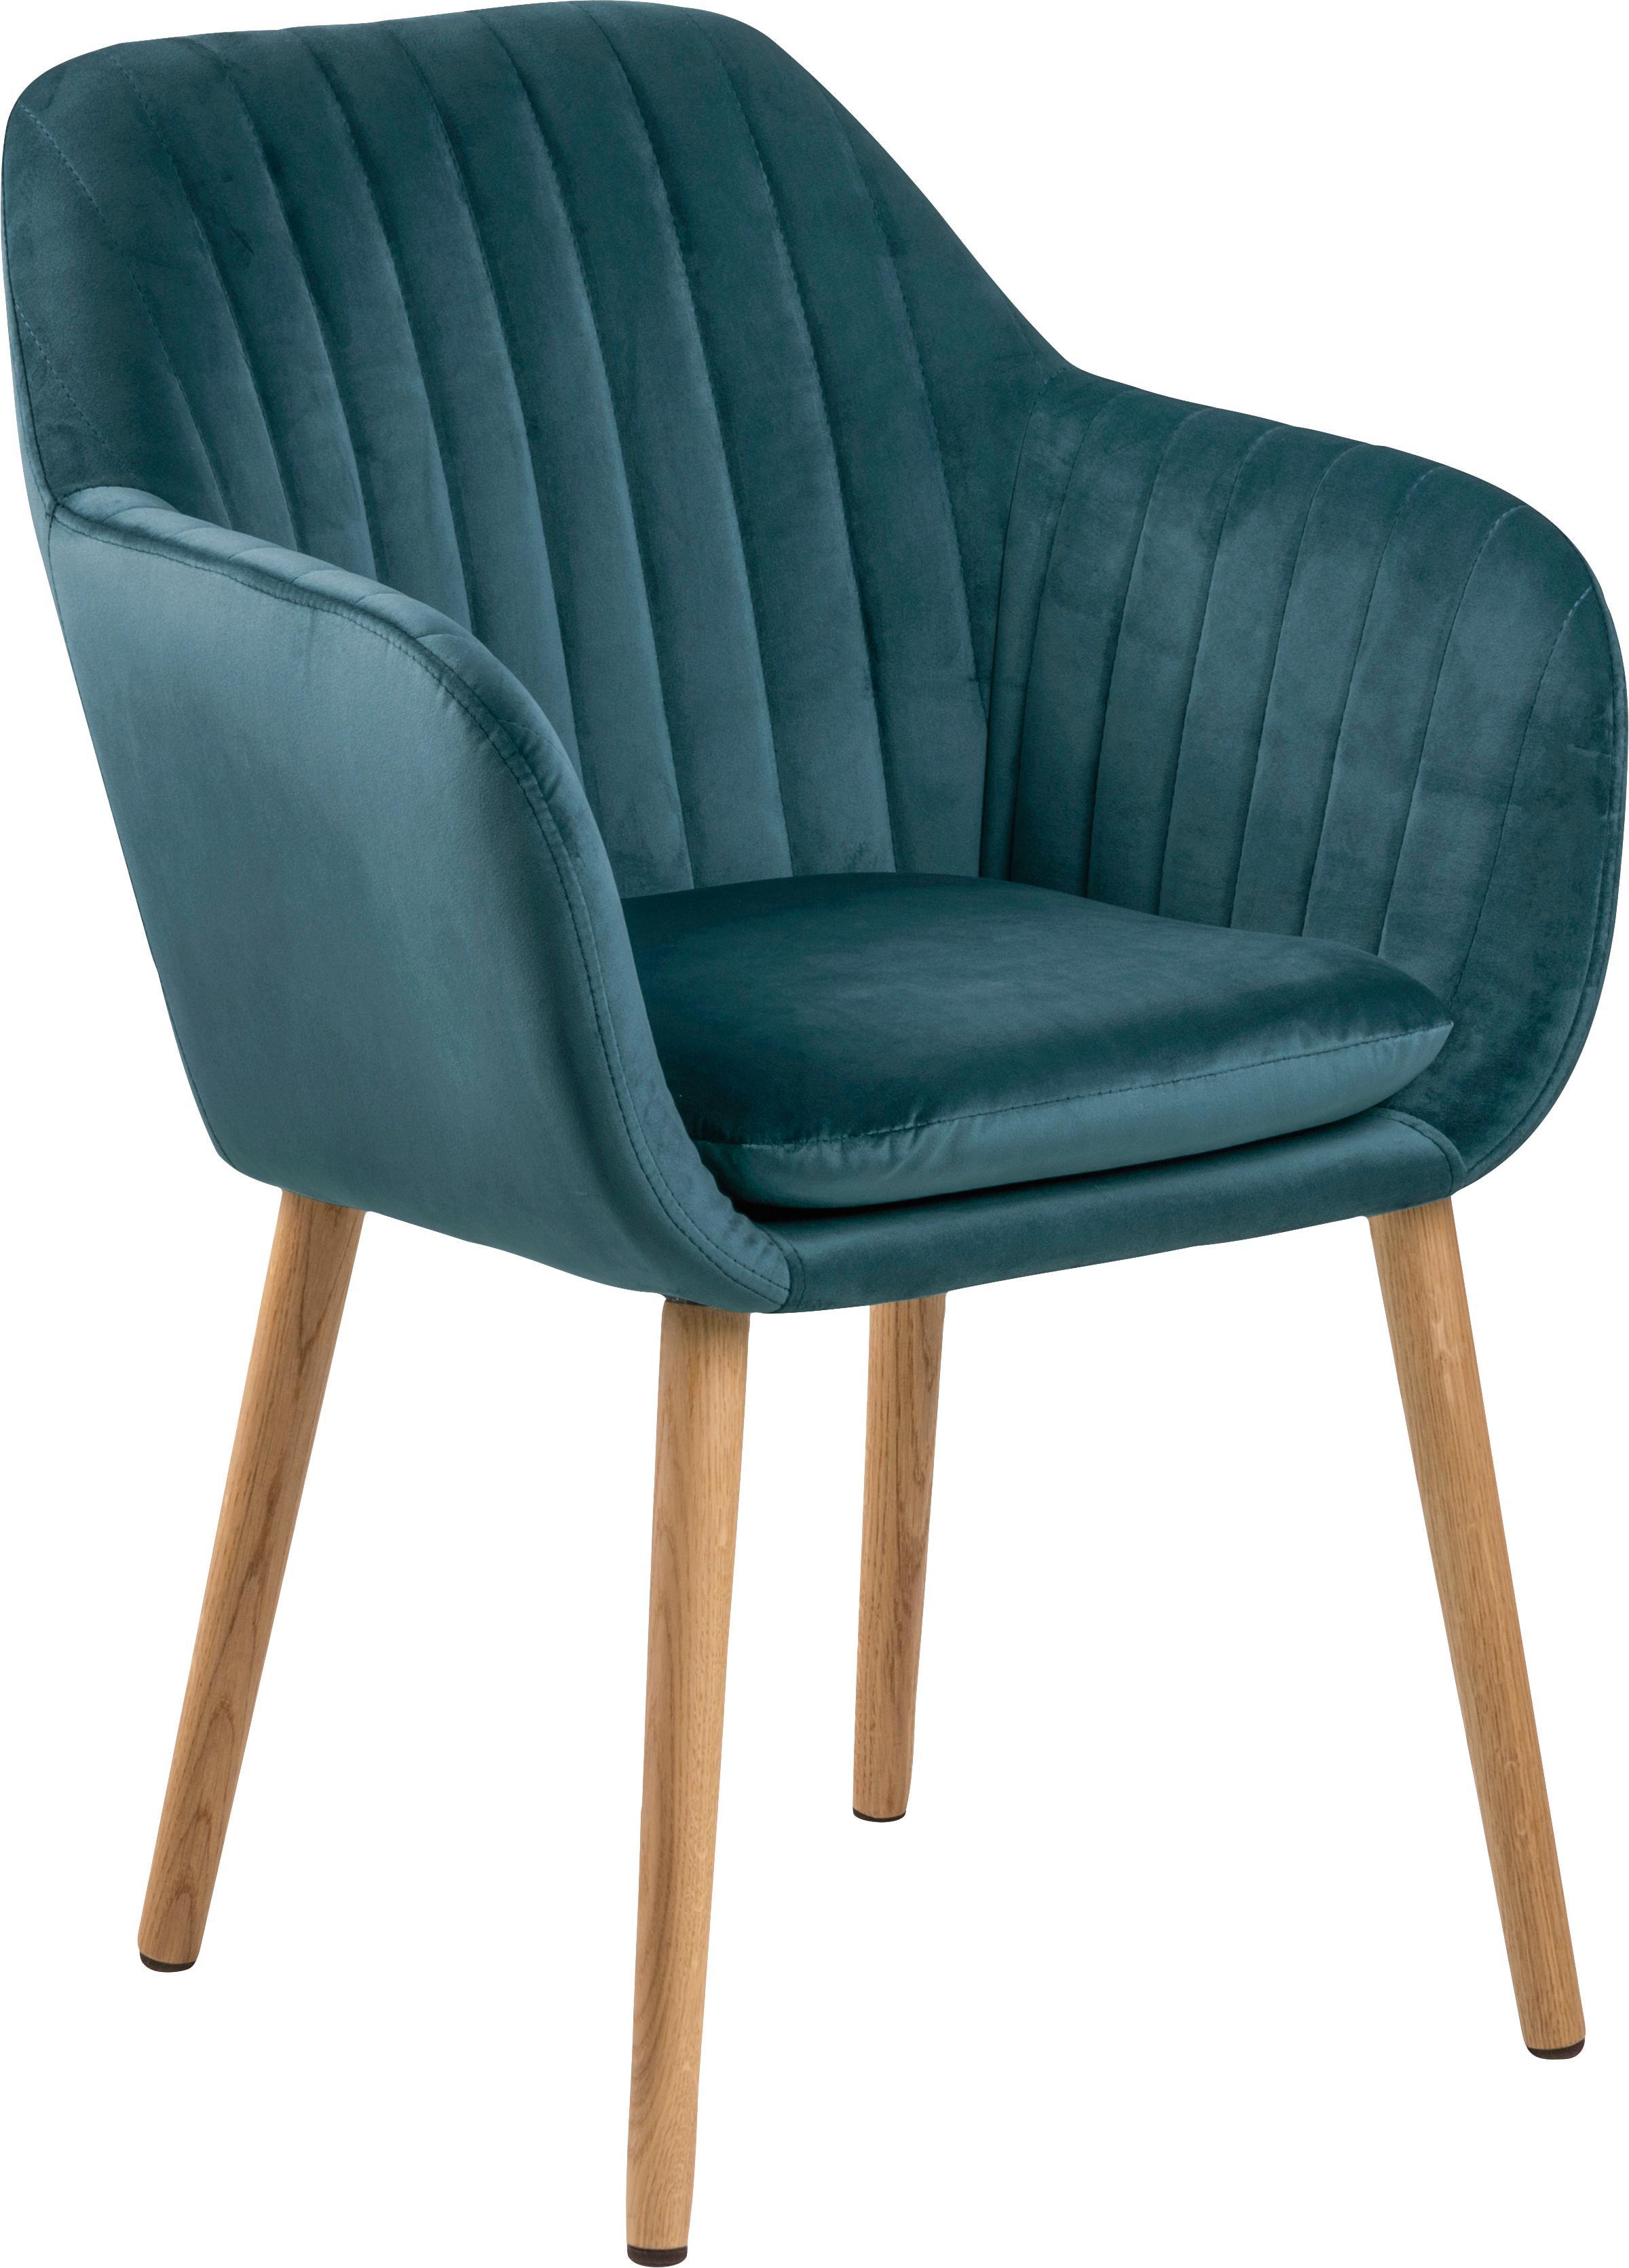 Samt-Polsterstuhl Emilia mit Armlehne, Bezug: Polyester (Samt), Beine: Eichenholz, ölbehandelt D, Samt Blau, Beine Eiche, B 57 x T 59 cm